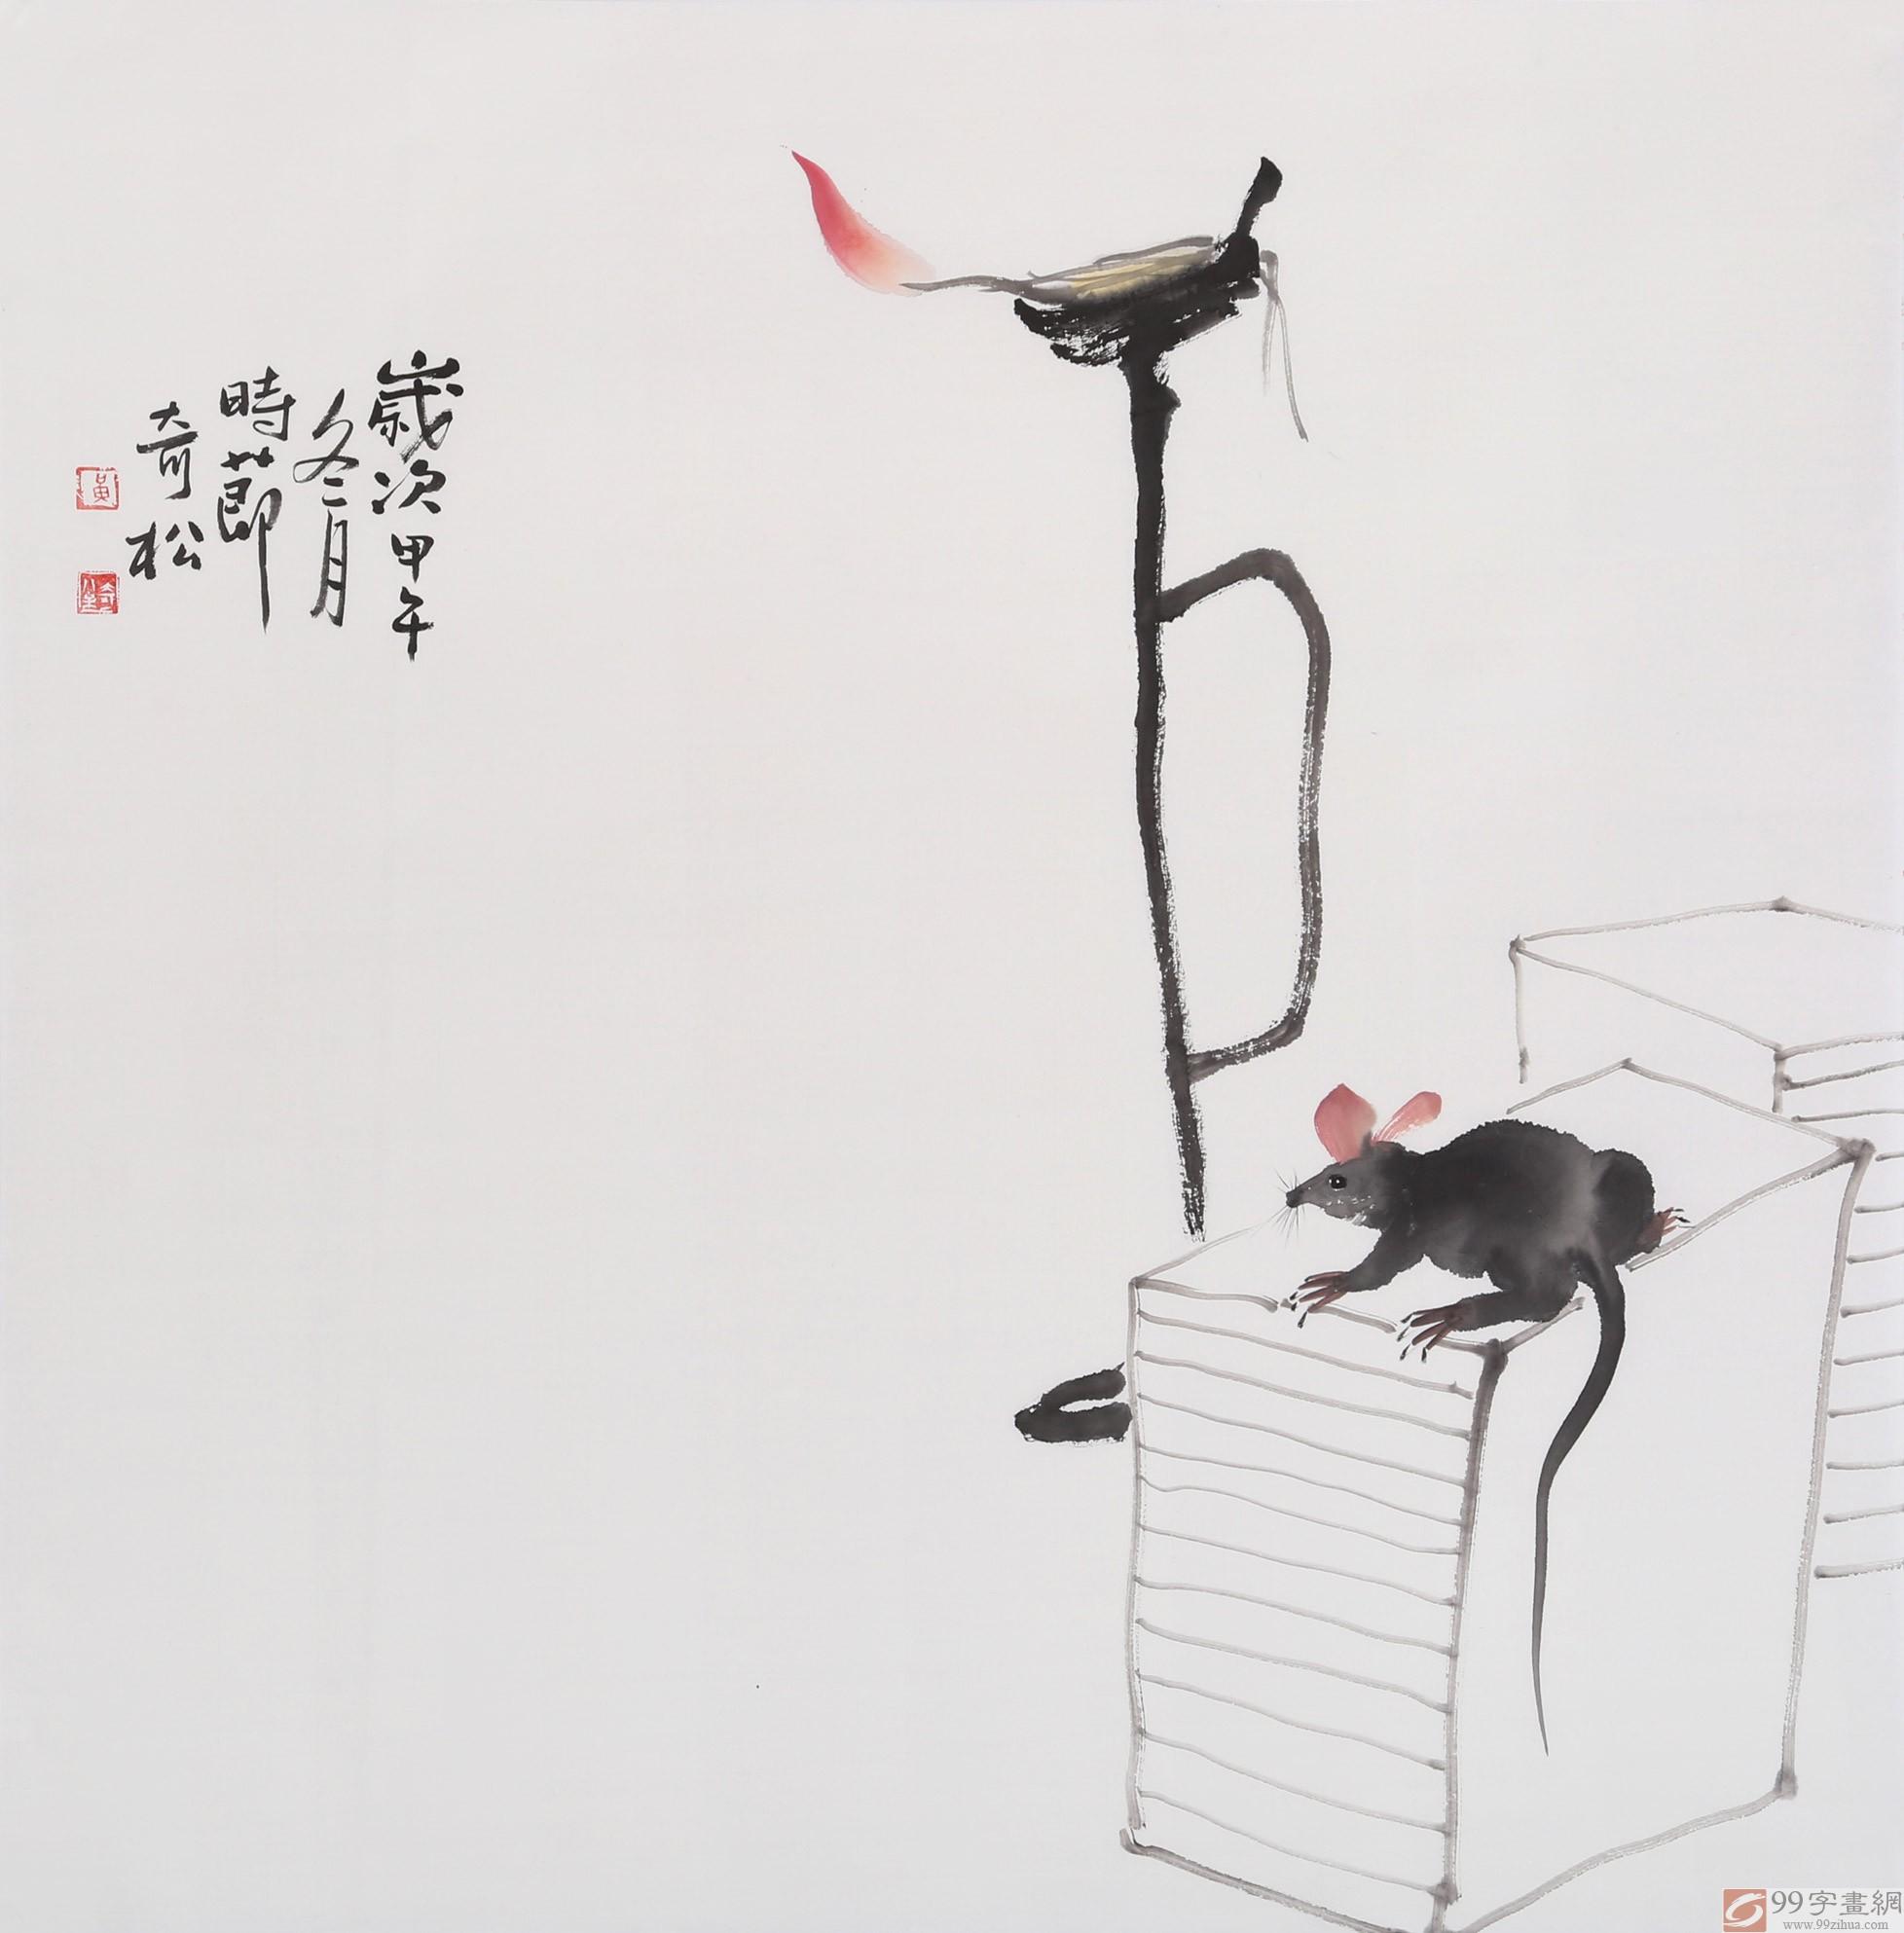 民盟美协理事黄奇松先生四尺斗方 老鼠偷灯油 动物画 高清图片